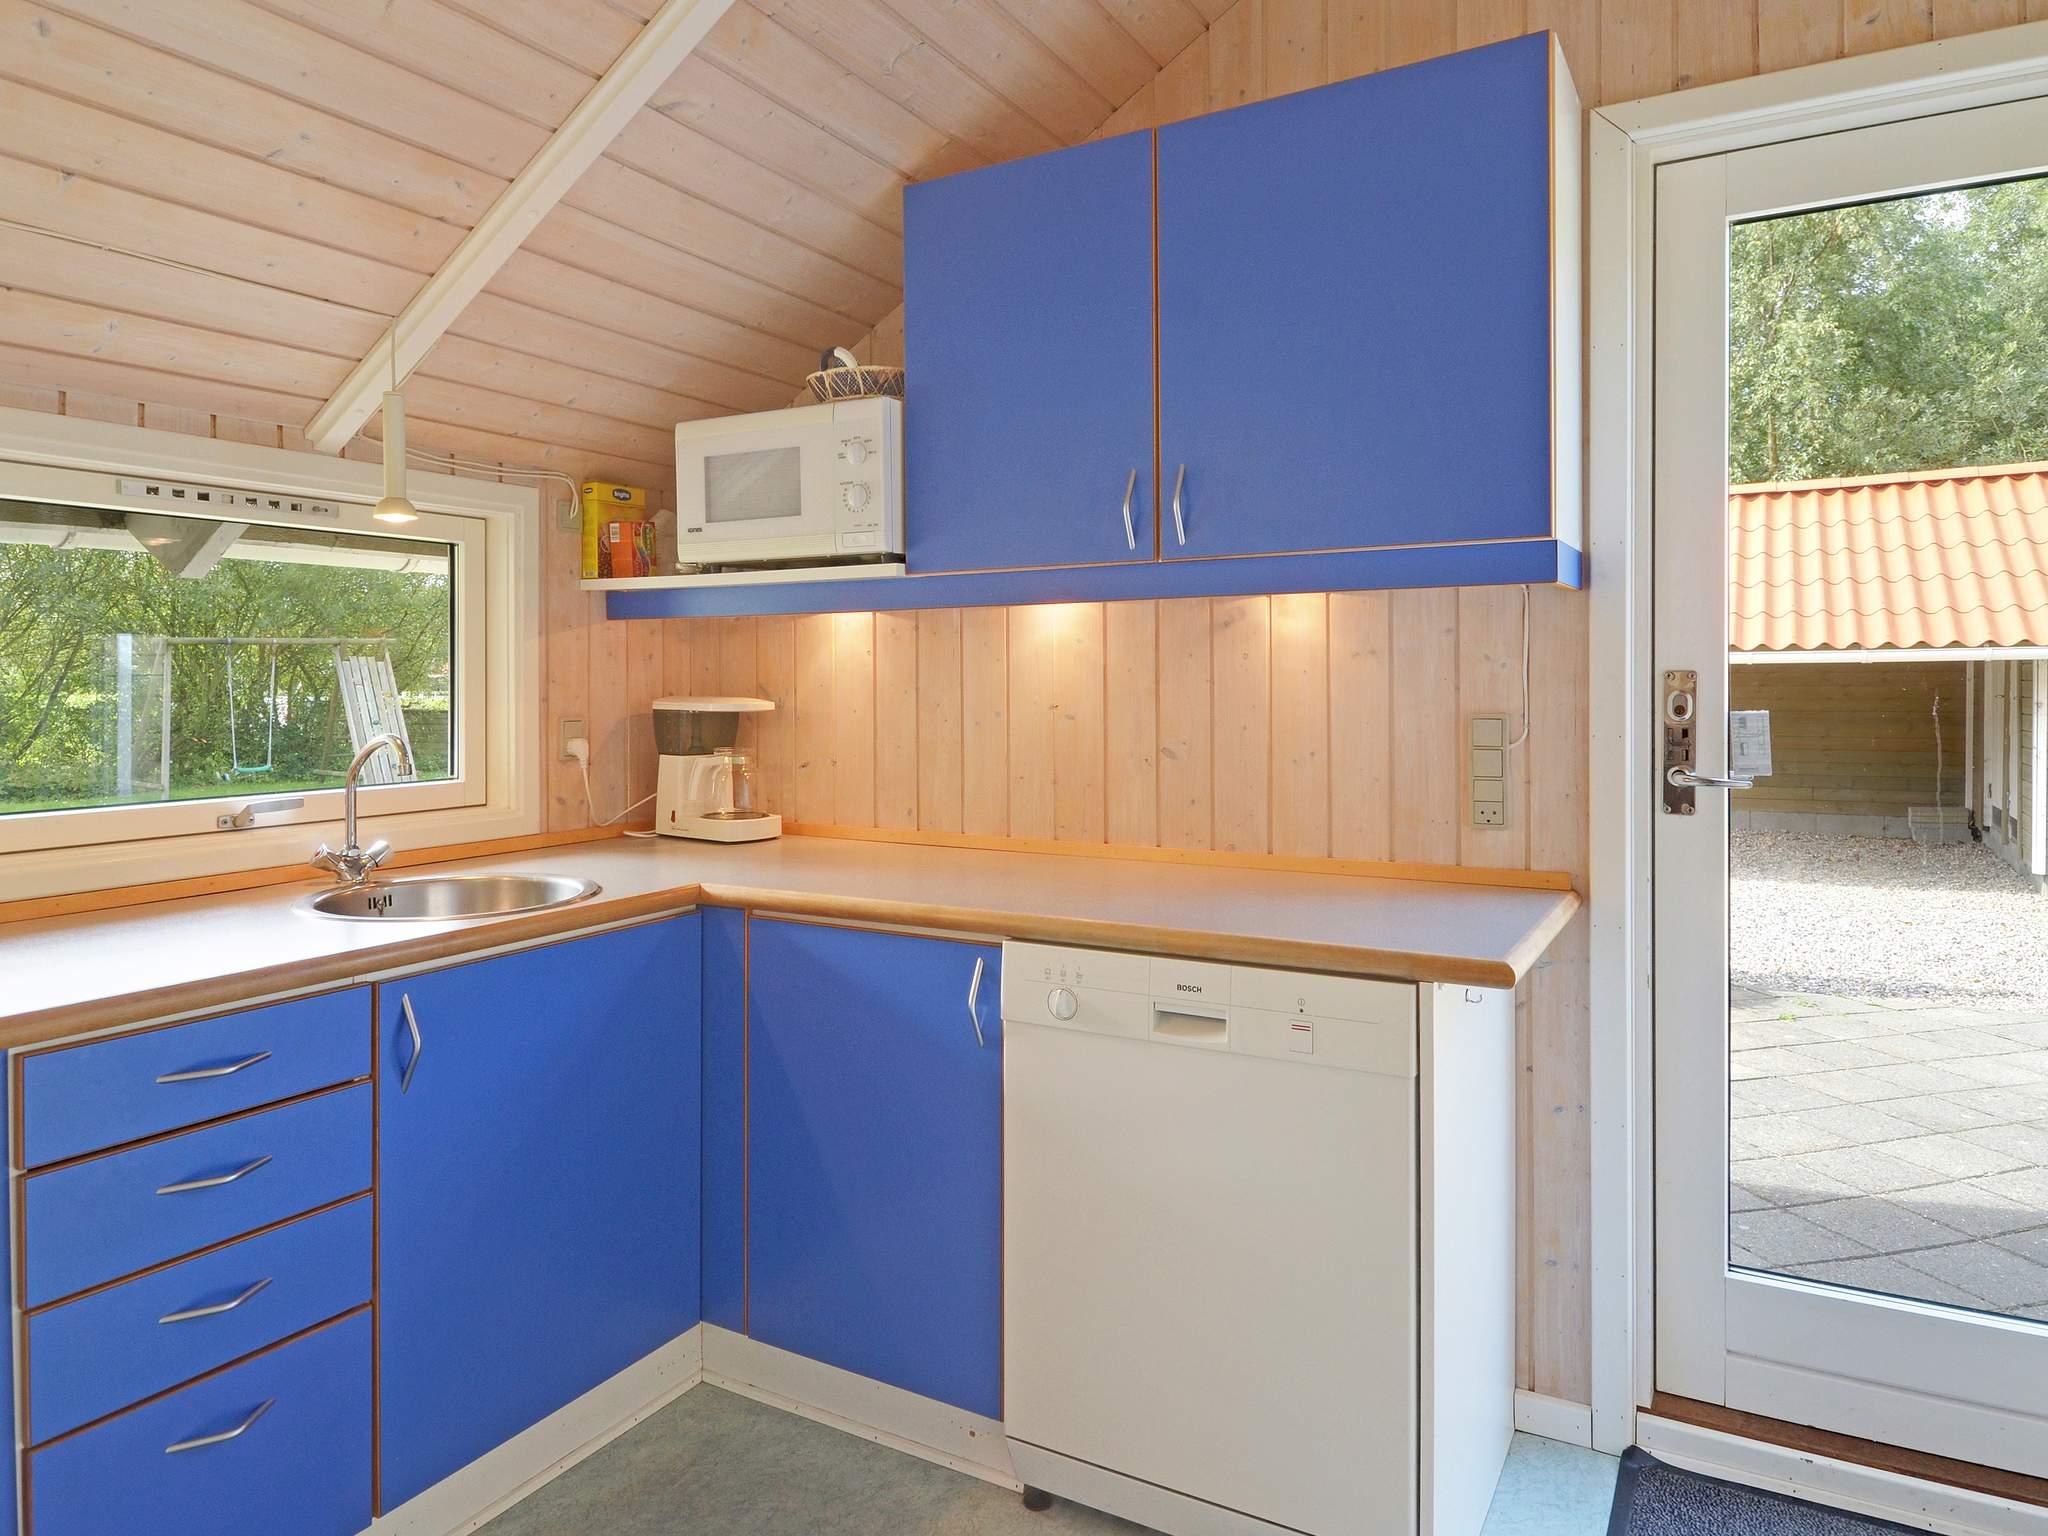 Ferienhaus Bork Havn (420070), Bork Havn, , Westjütland, Dänemark, Bild 6